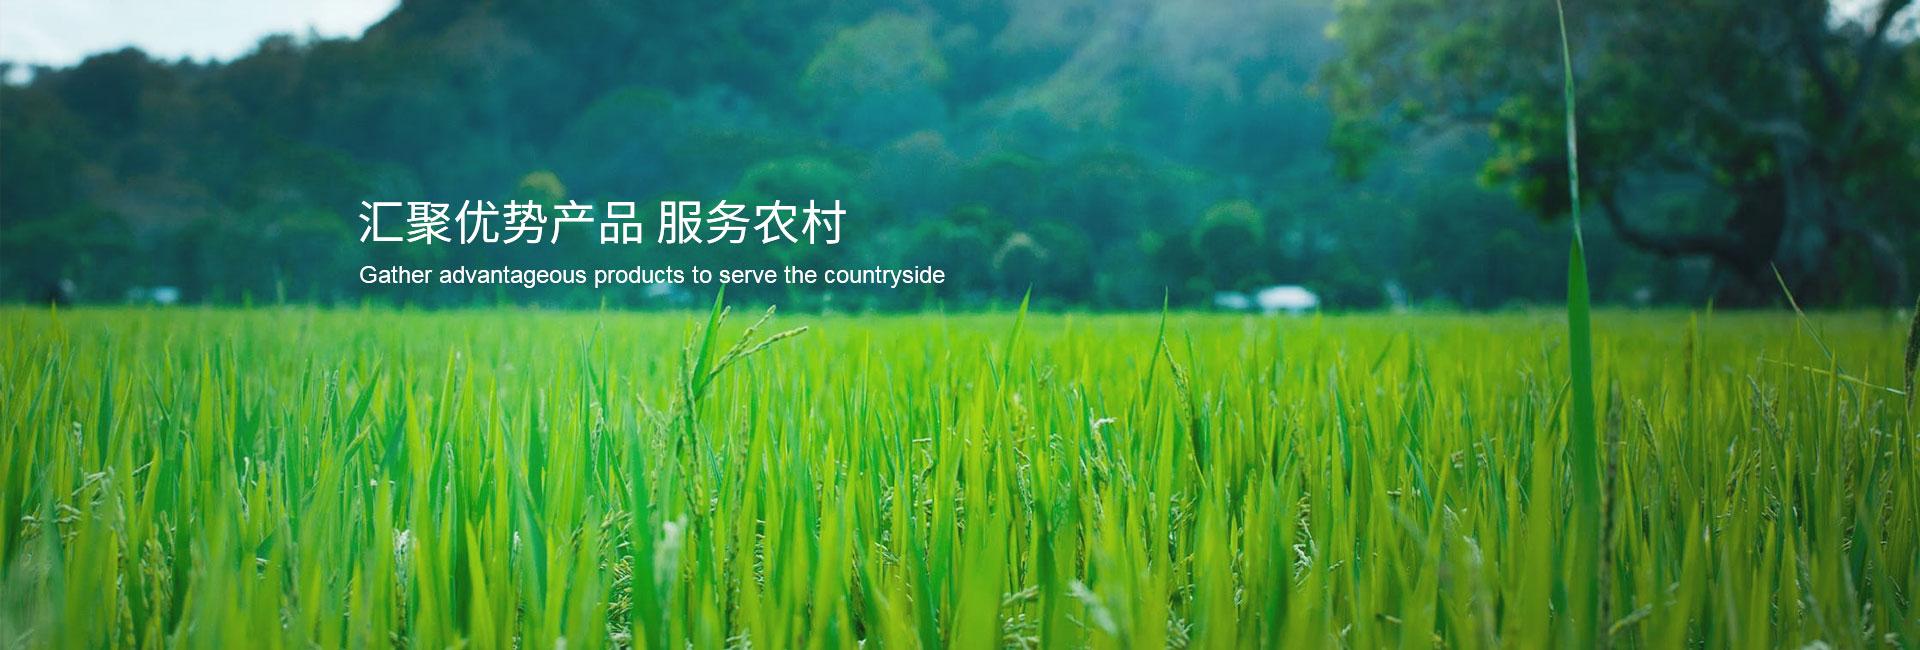 高特农业科技